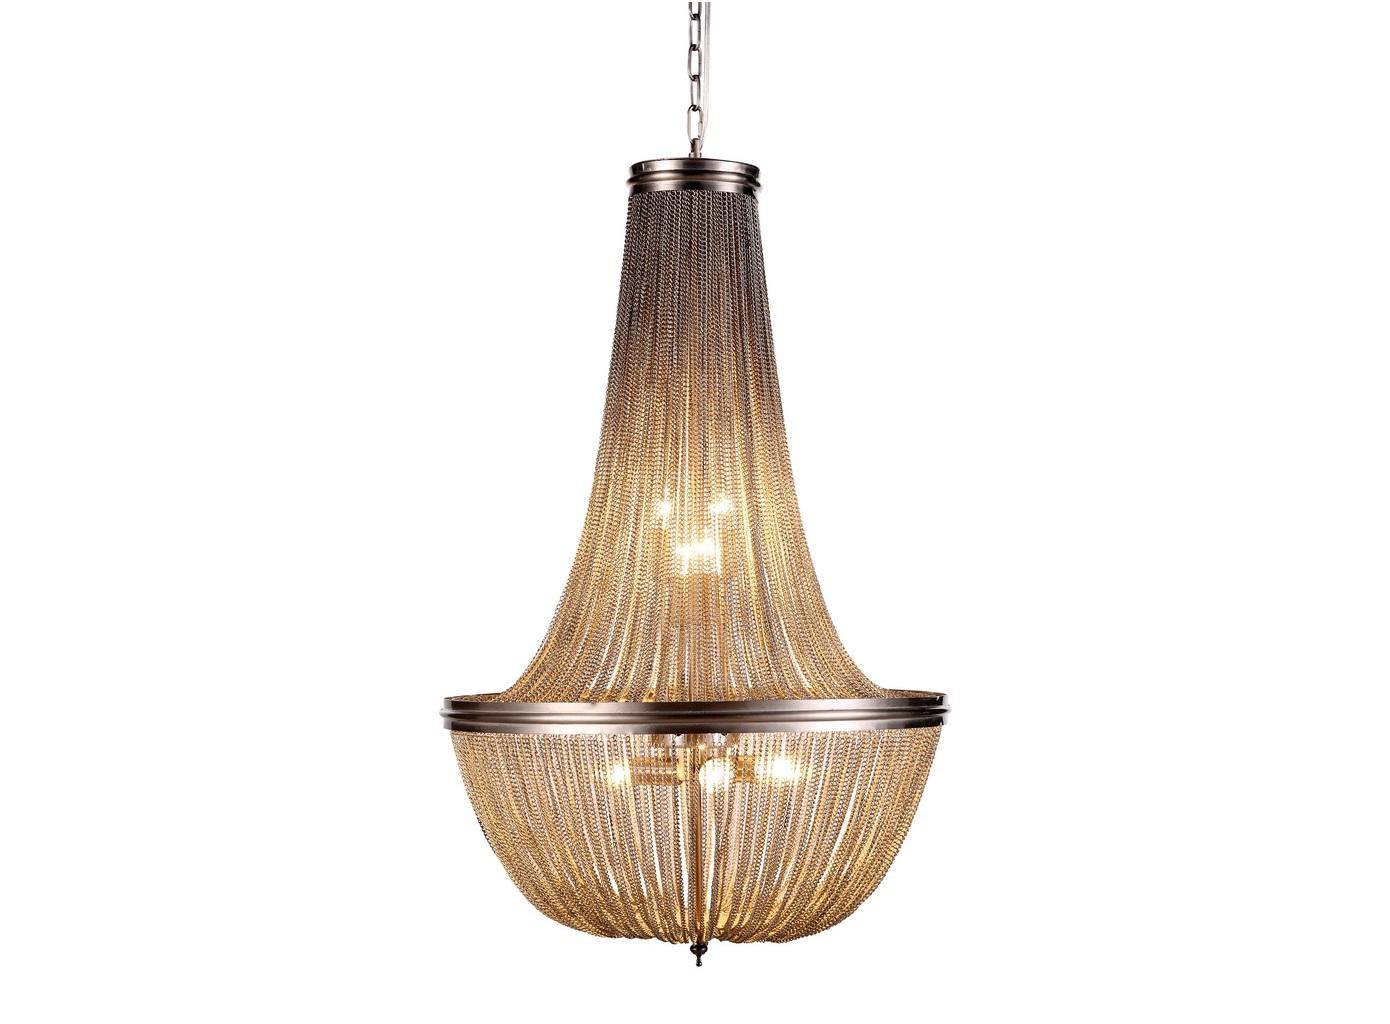 Дизайнерская подвесная люстраЛюстры подвесные<br>&amp;lt;div&amp;gt;Вид цоколя: E14&amp;lt;/div&amp;gt;&amp;lt;div&amp;gt;Мощность: 60W&amp;lt;/div&amp;gt;Количество ламп: 10&amp;lt;div&amp;gt;Лампы в комплект не входят&amp;lt;/div&amp;gt;<br><br>Material: Металл<br>Высота см: 120